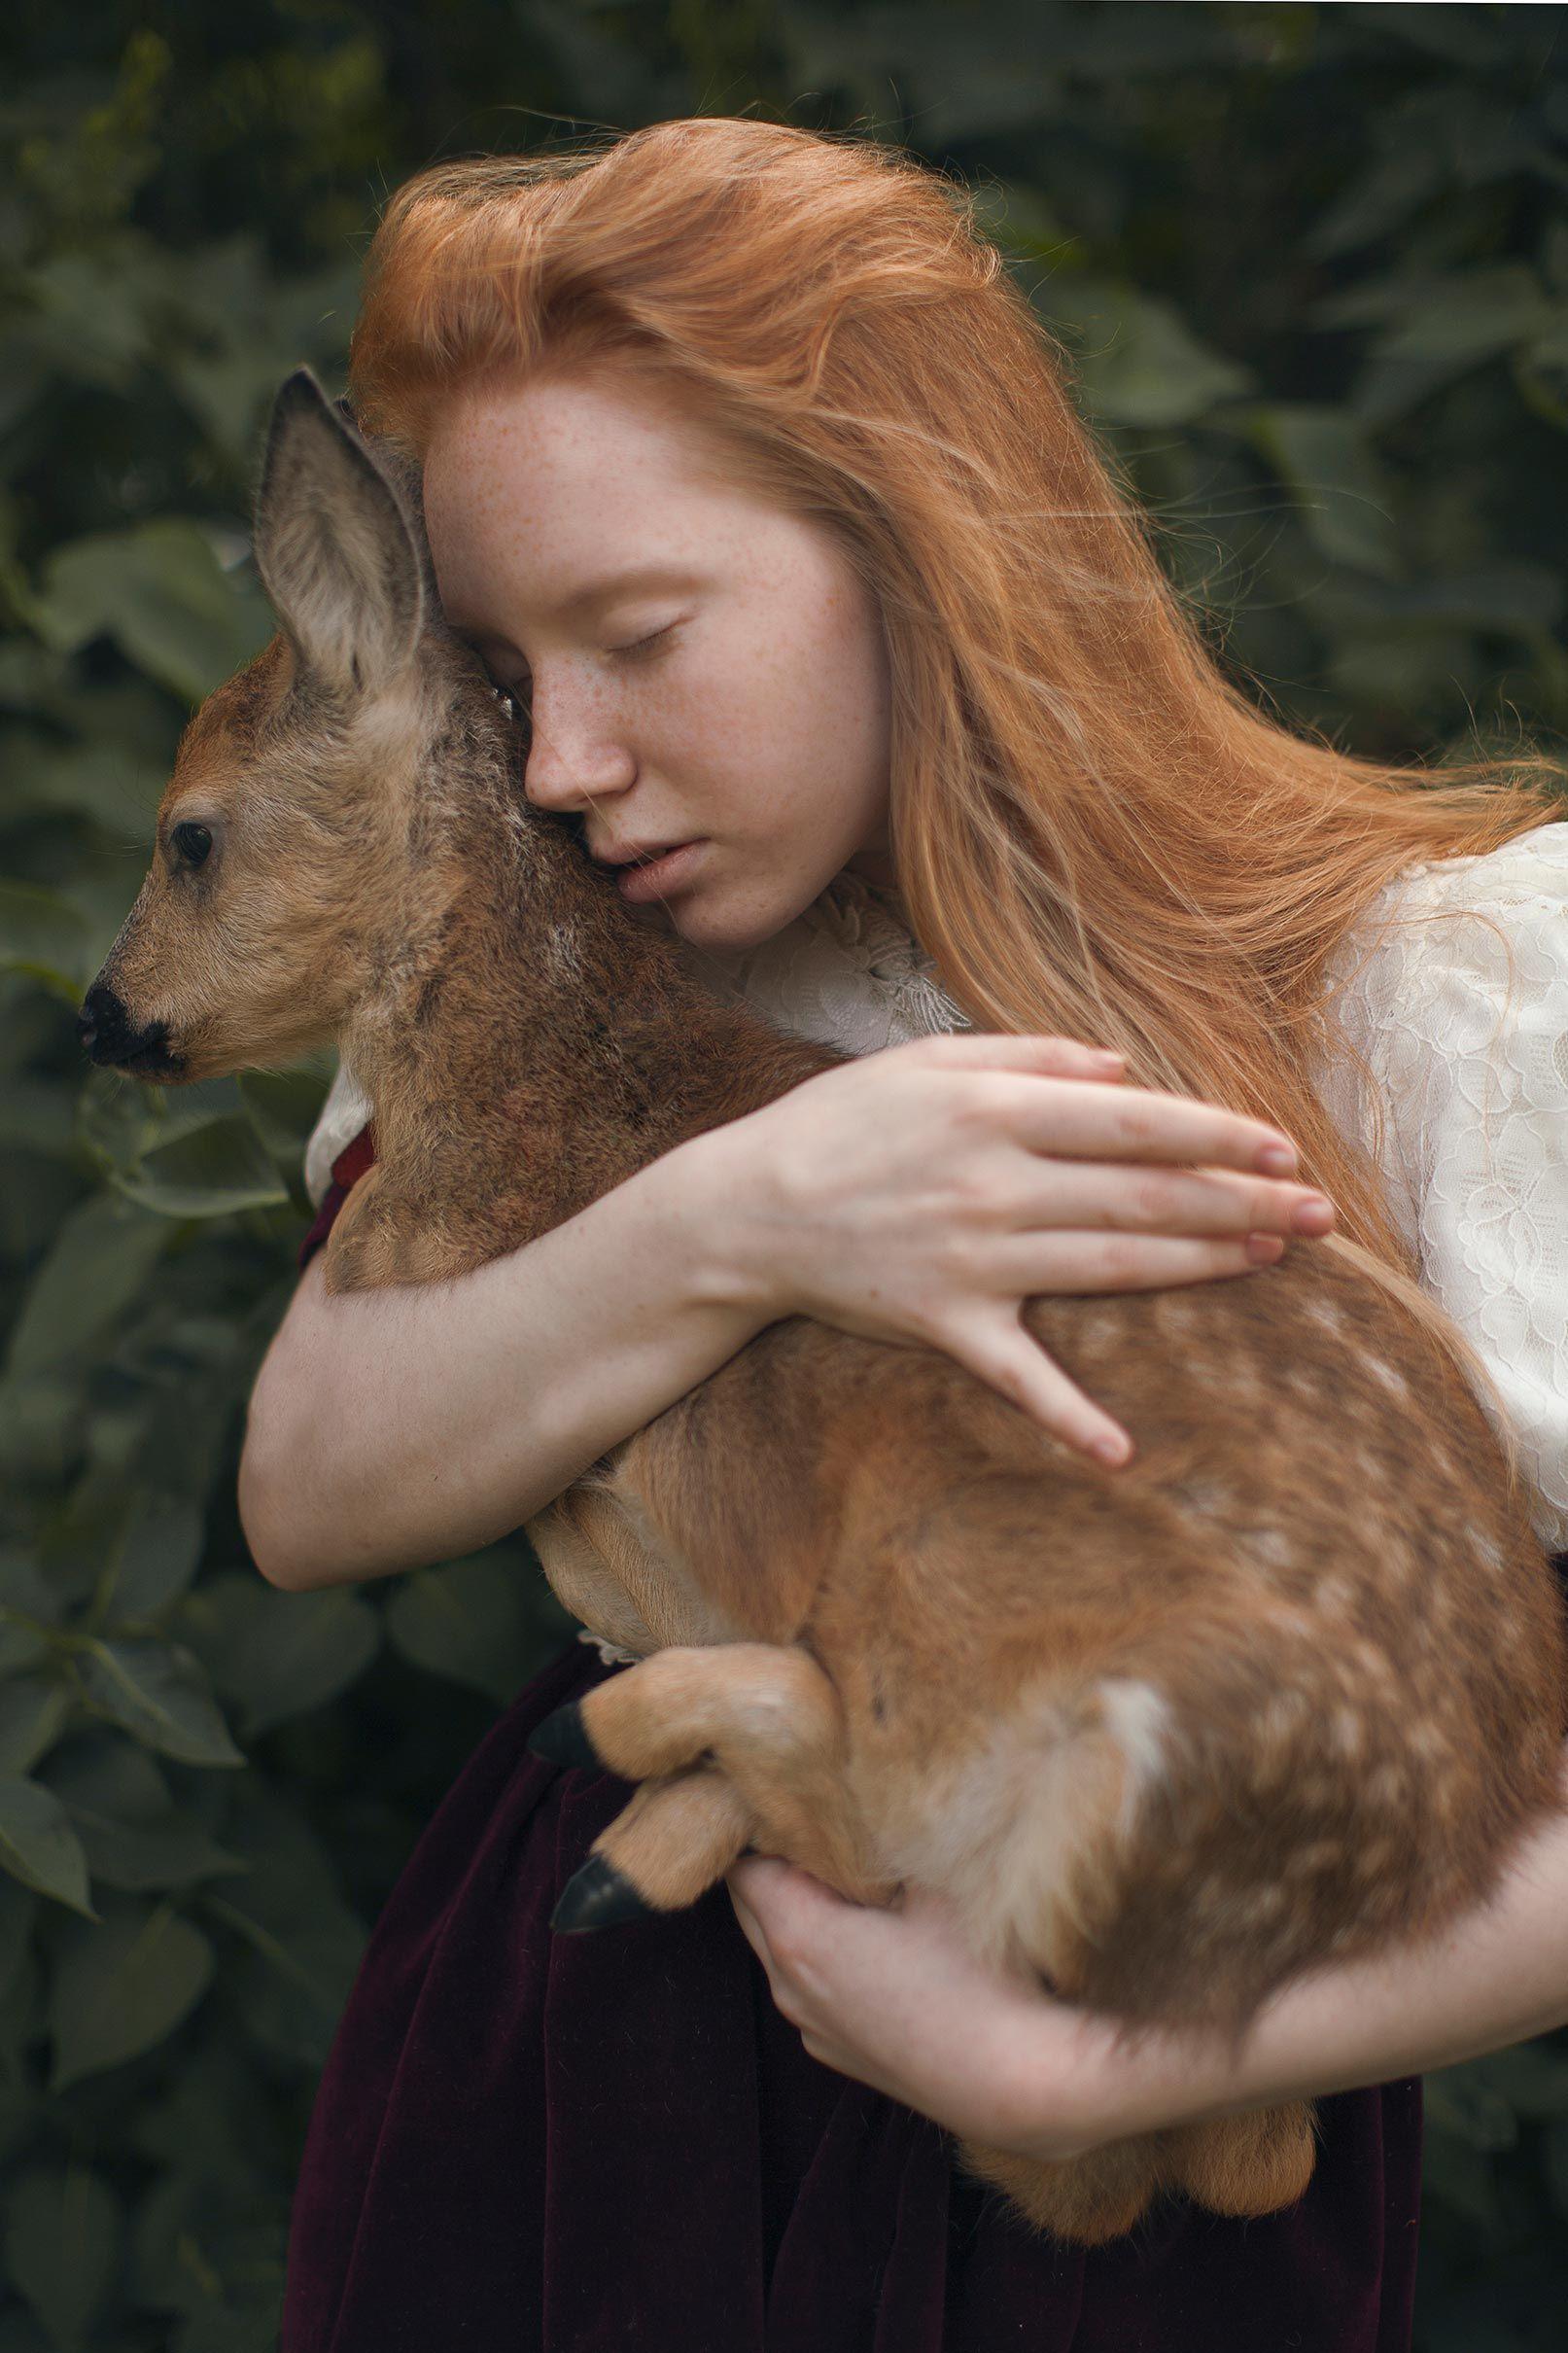 Russian Photographer Katerina Plotnikova Created These Stunning - Russian photographer takes enchanting fairytale photos featuring wild animals